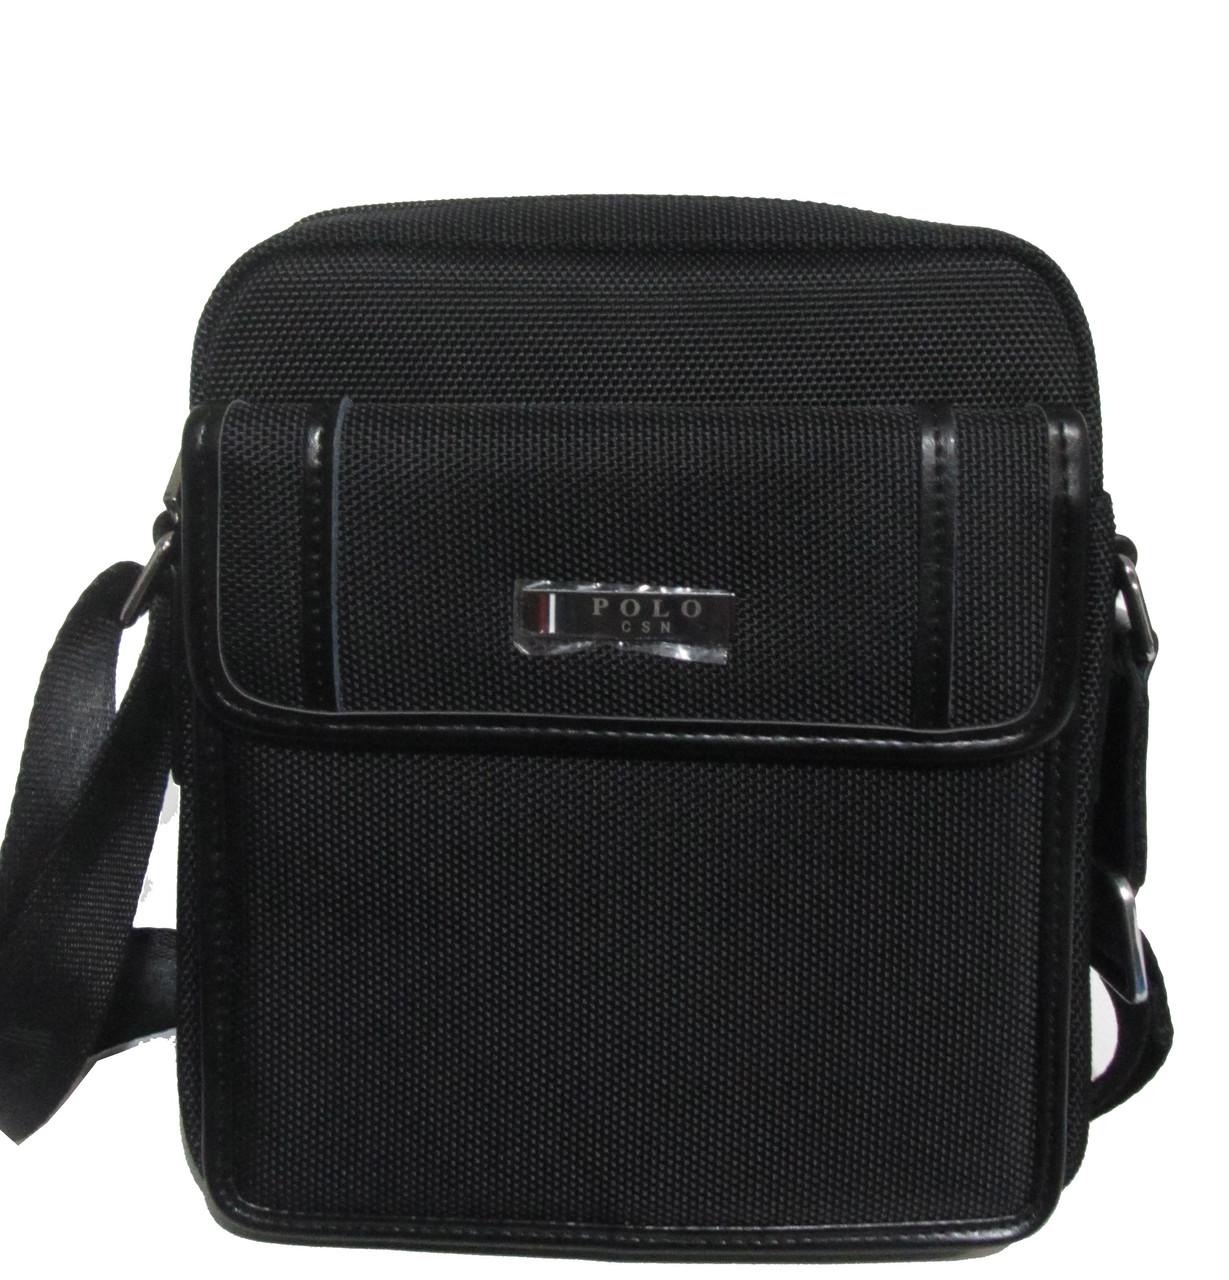 19932c078ee2 Мужская сумка 660-4 POLO мужская сумка купить не дорого Одесса 7 км -  Интернет